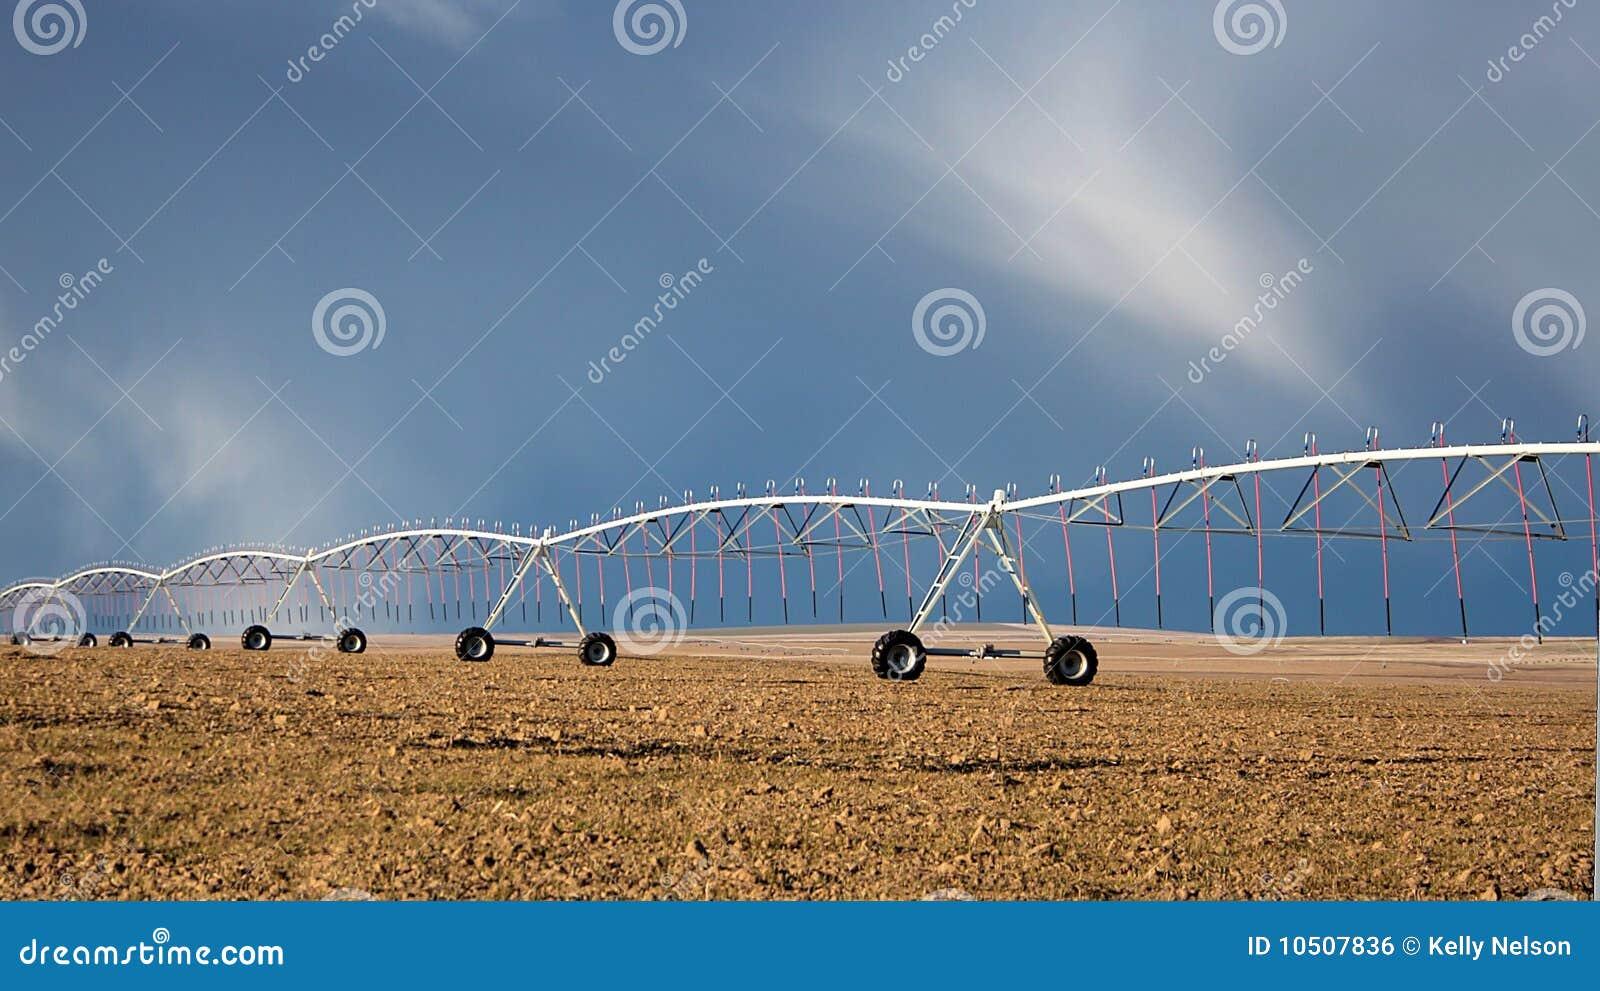 Crop Circle Irrigation Royalty Free Stock Image Image